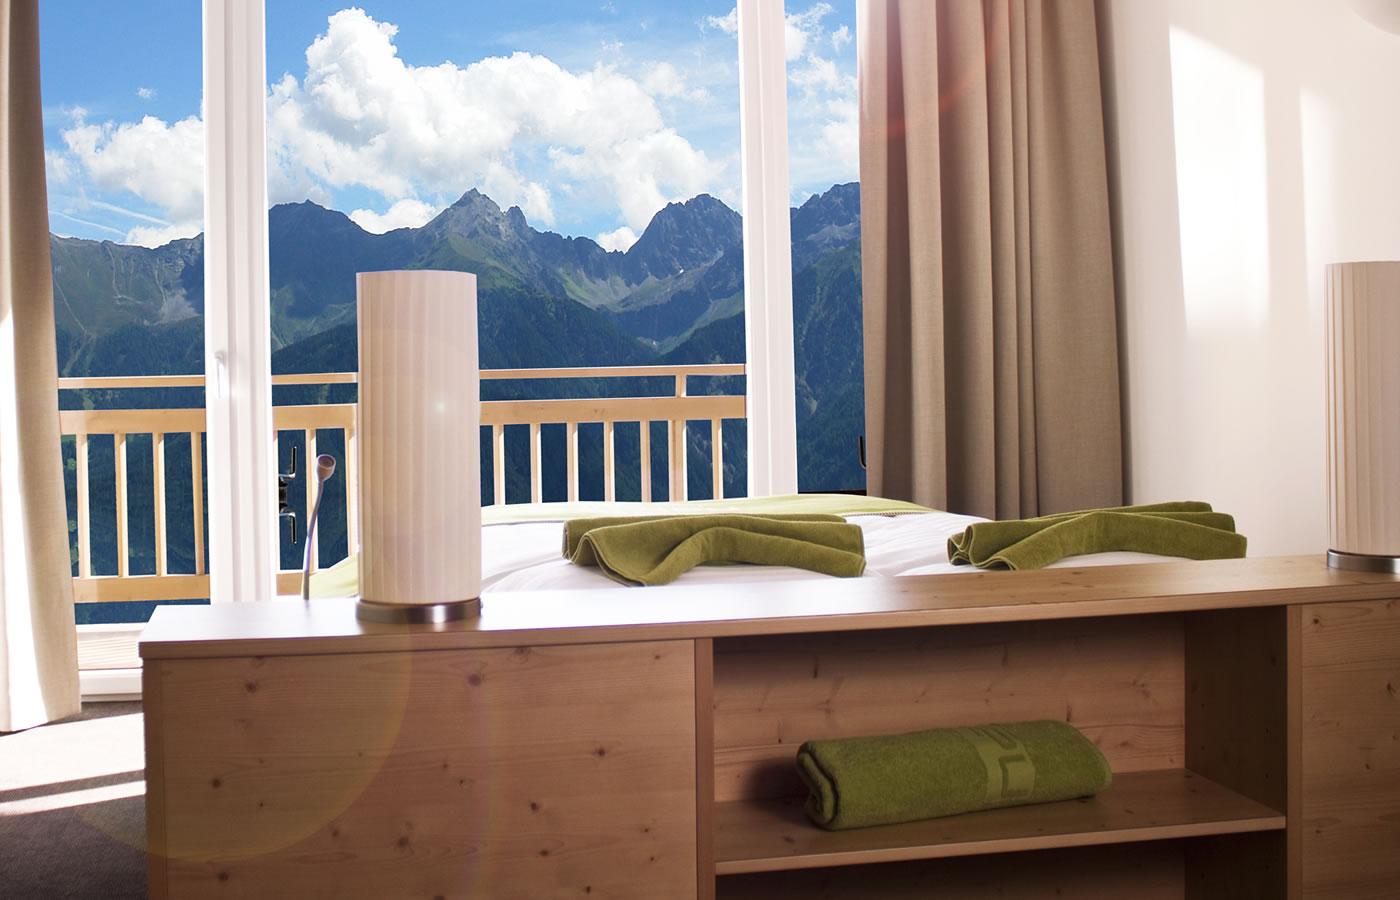 Hotel-Zimmer mit Weitblick über die Berge Tirols.